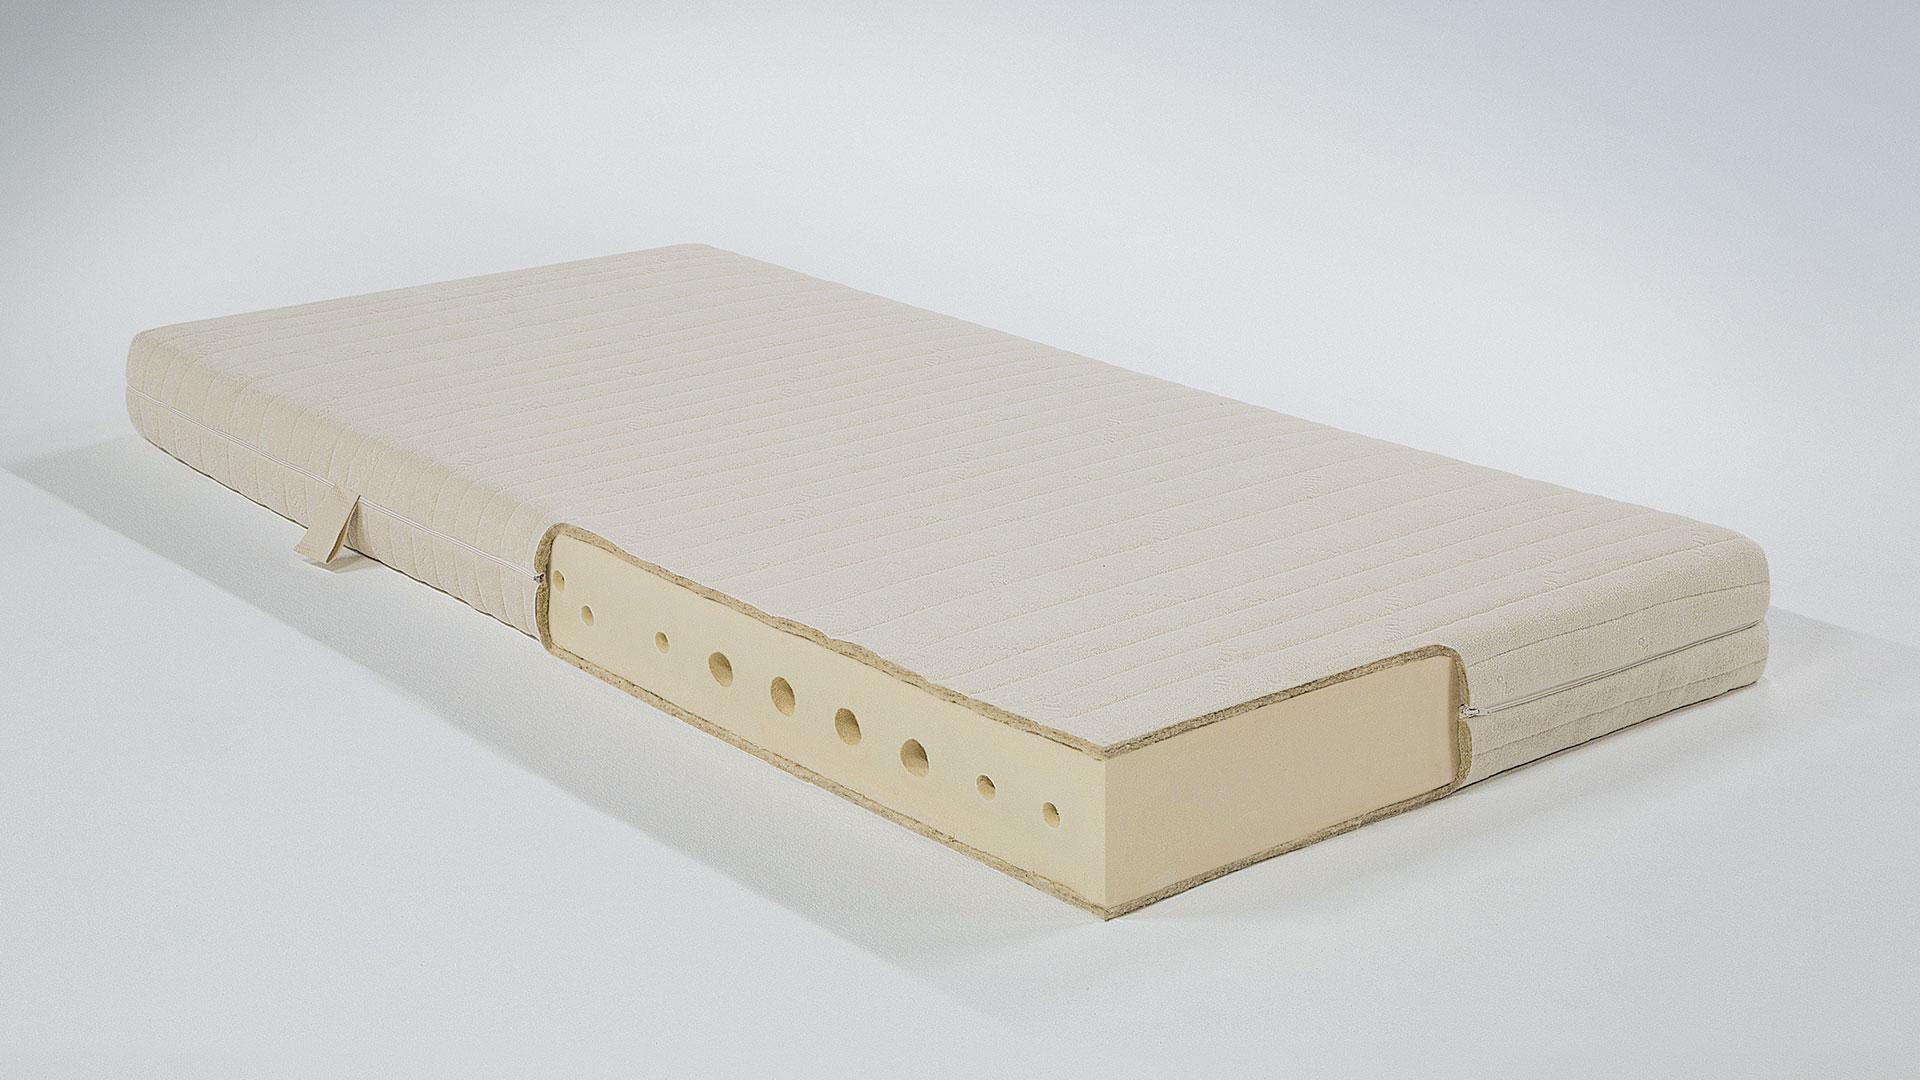 Vorschau Naturlatex Matratze Sanastar Comfort Besonders Optimal Fur Die Kurvenreichere Figur Deshalb